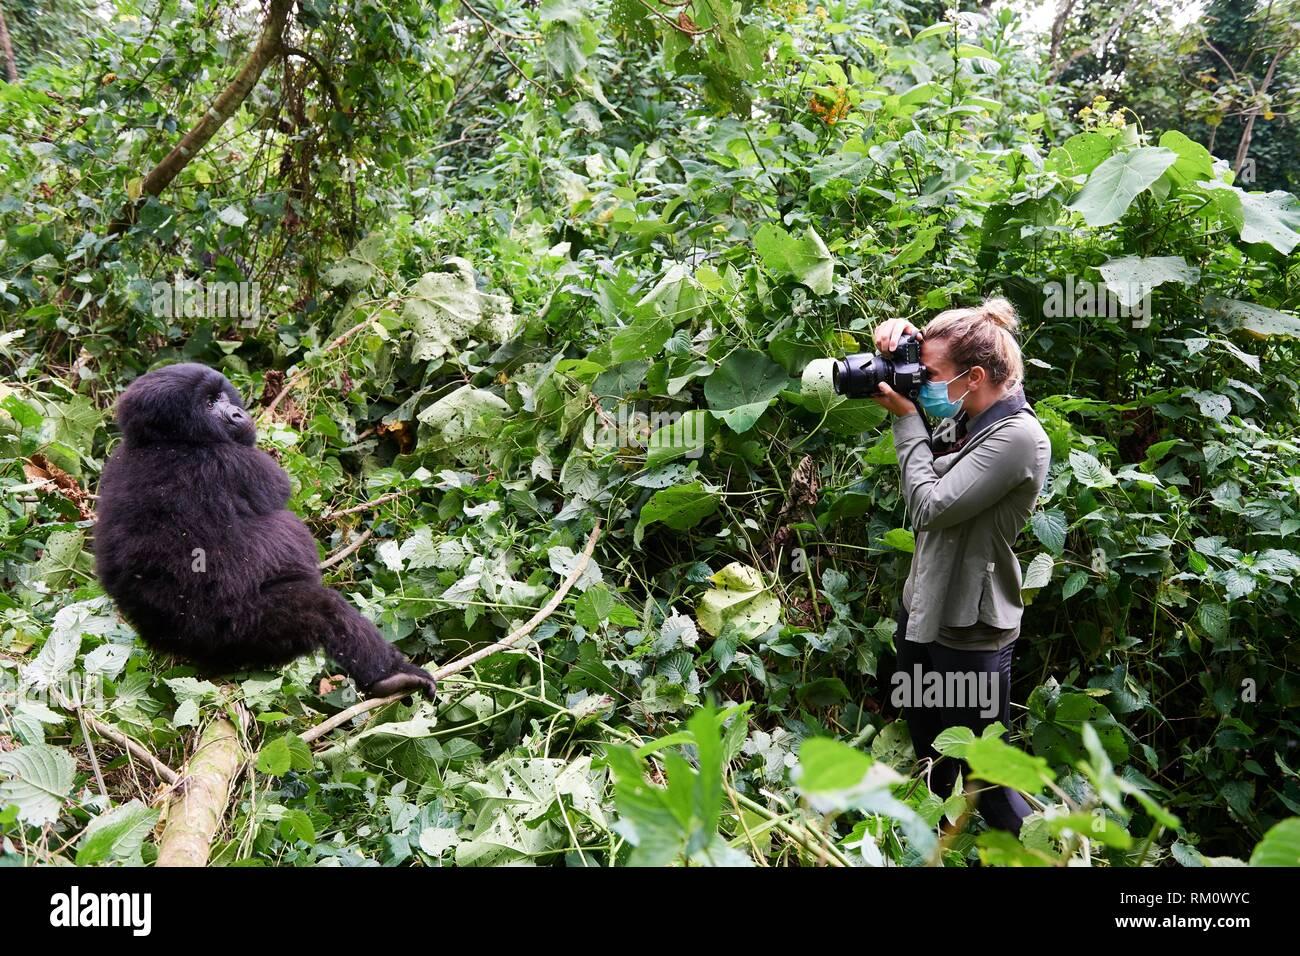 Turista fotografiando gorila de montaña (gorilla beringei beringei). Todos los seres humanos tienen que llevar máscaras de seguridad en presencia de los gorilas para evitar cualquier Imagen De Stock